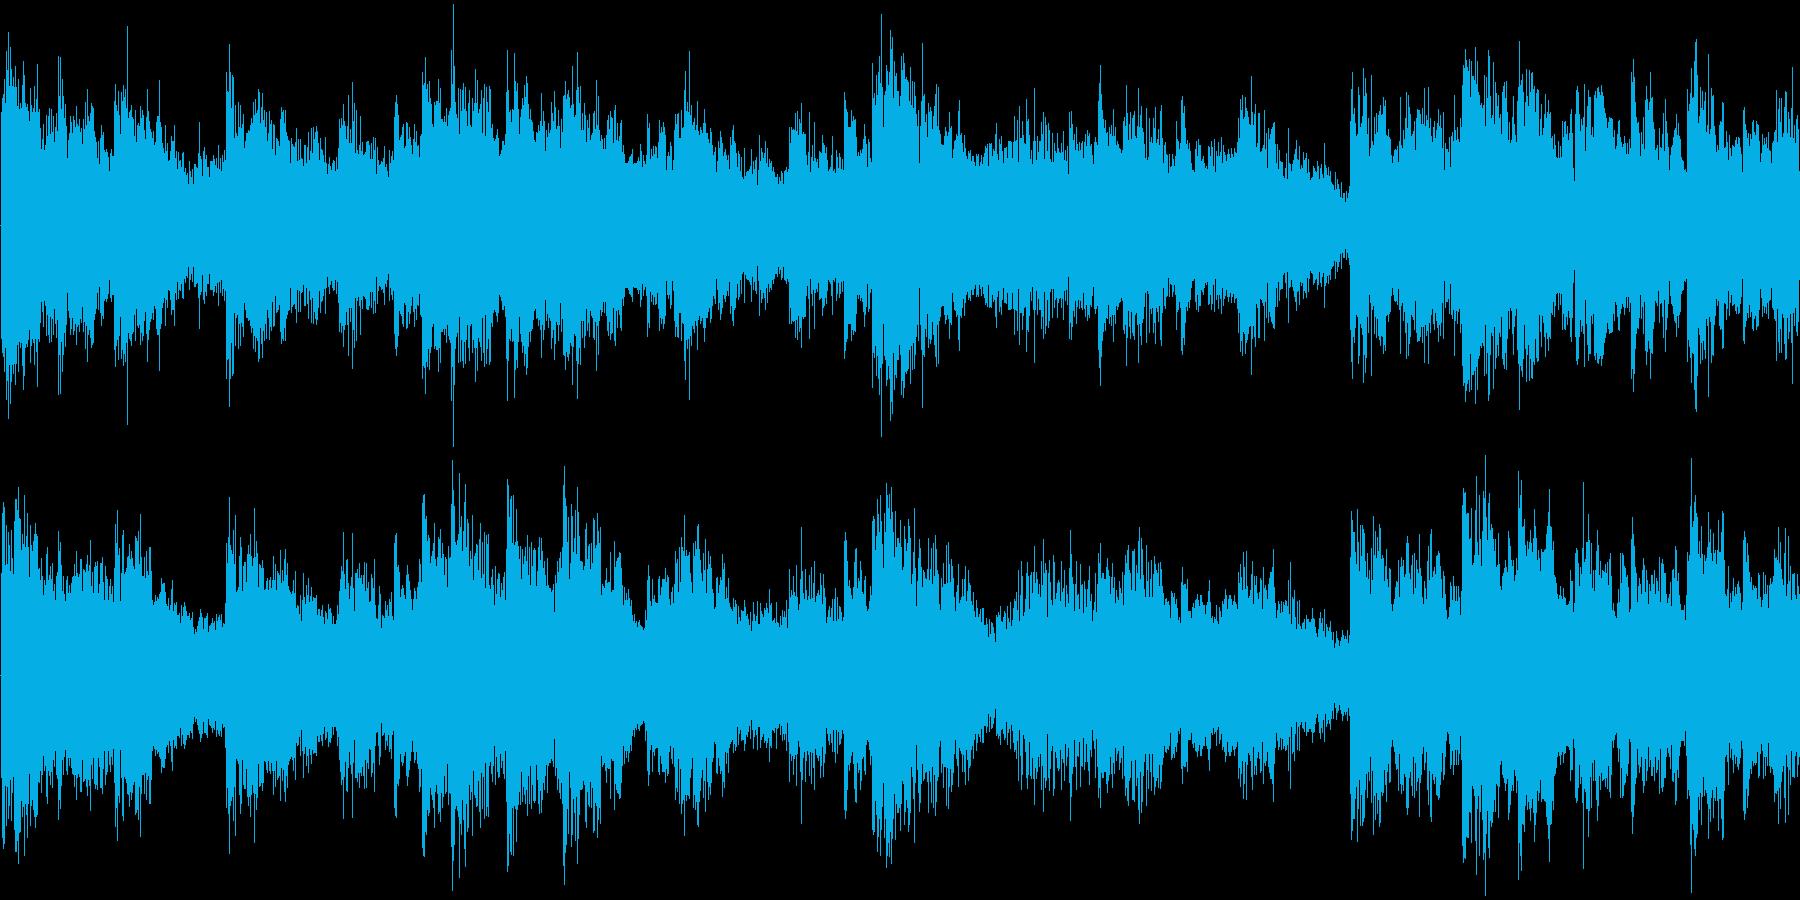 明るい雰囲気の短めのループ楽曲です。の再生済みの波形